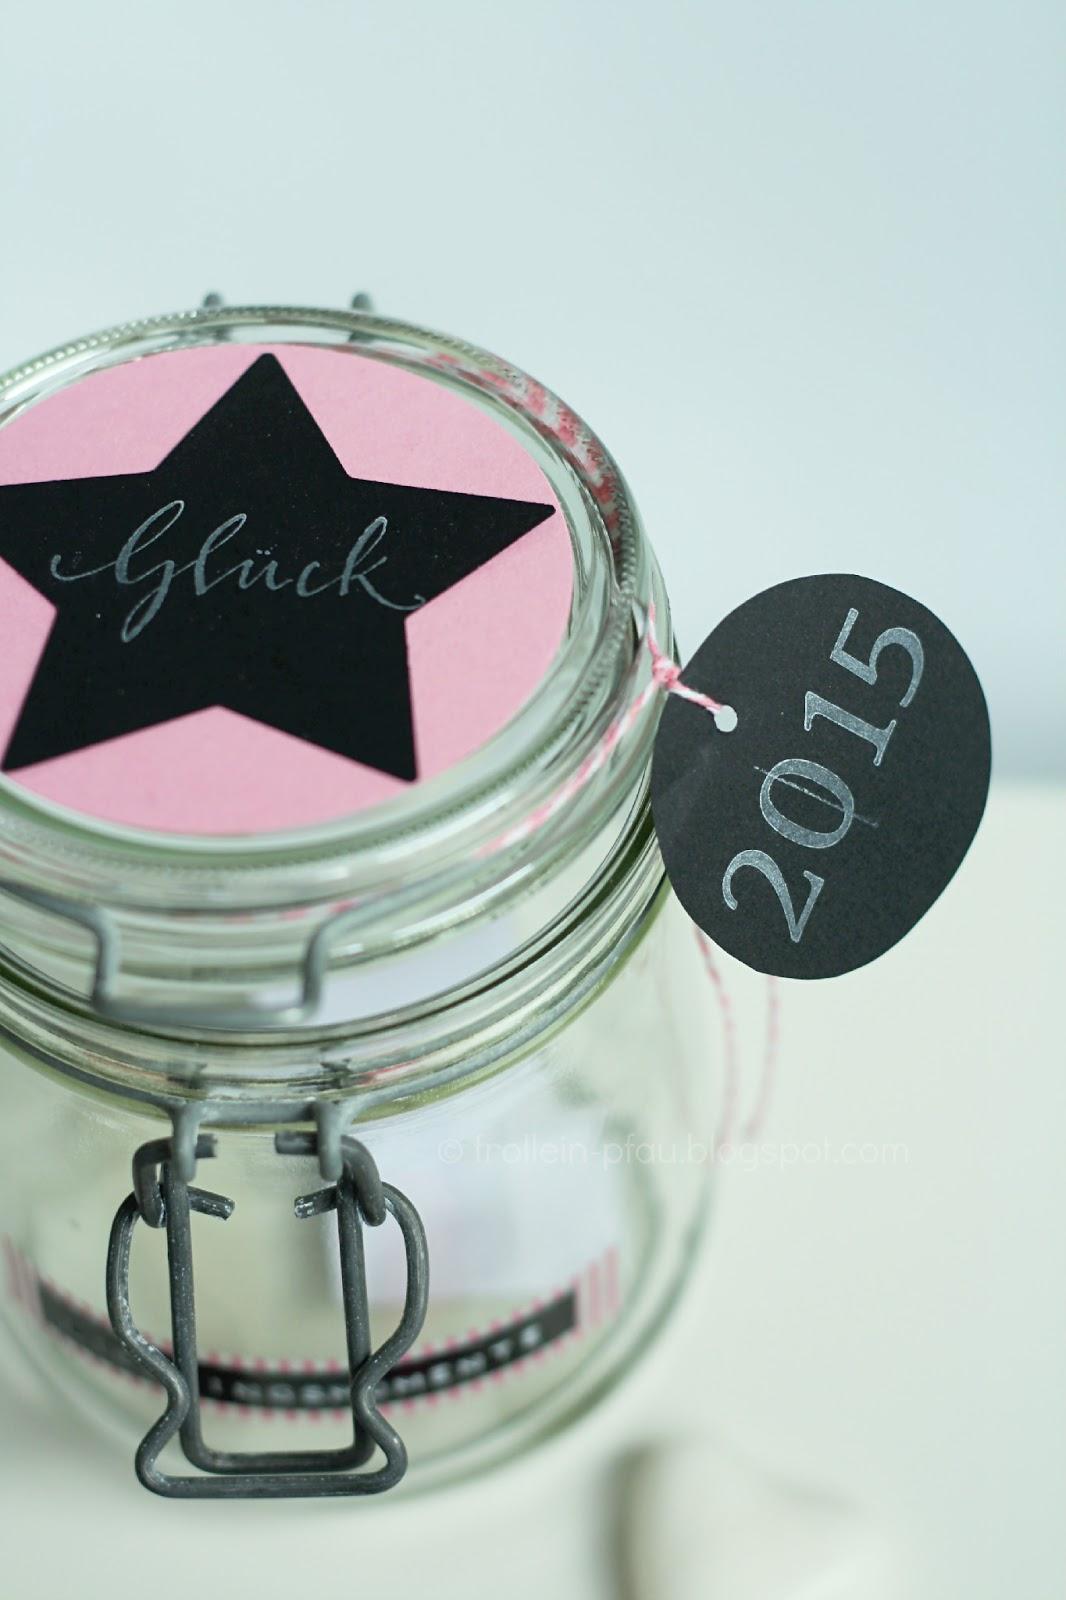 Creadienstag, DIY, basteln, Lieblinngsmomente im Glas, Glück im Glas, Einmachglas, kreatives Geschenk, Geschenkidee, Erinnerung im Glas, Silvester, Neujahr